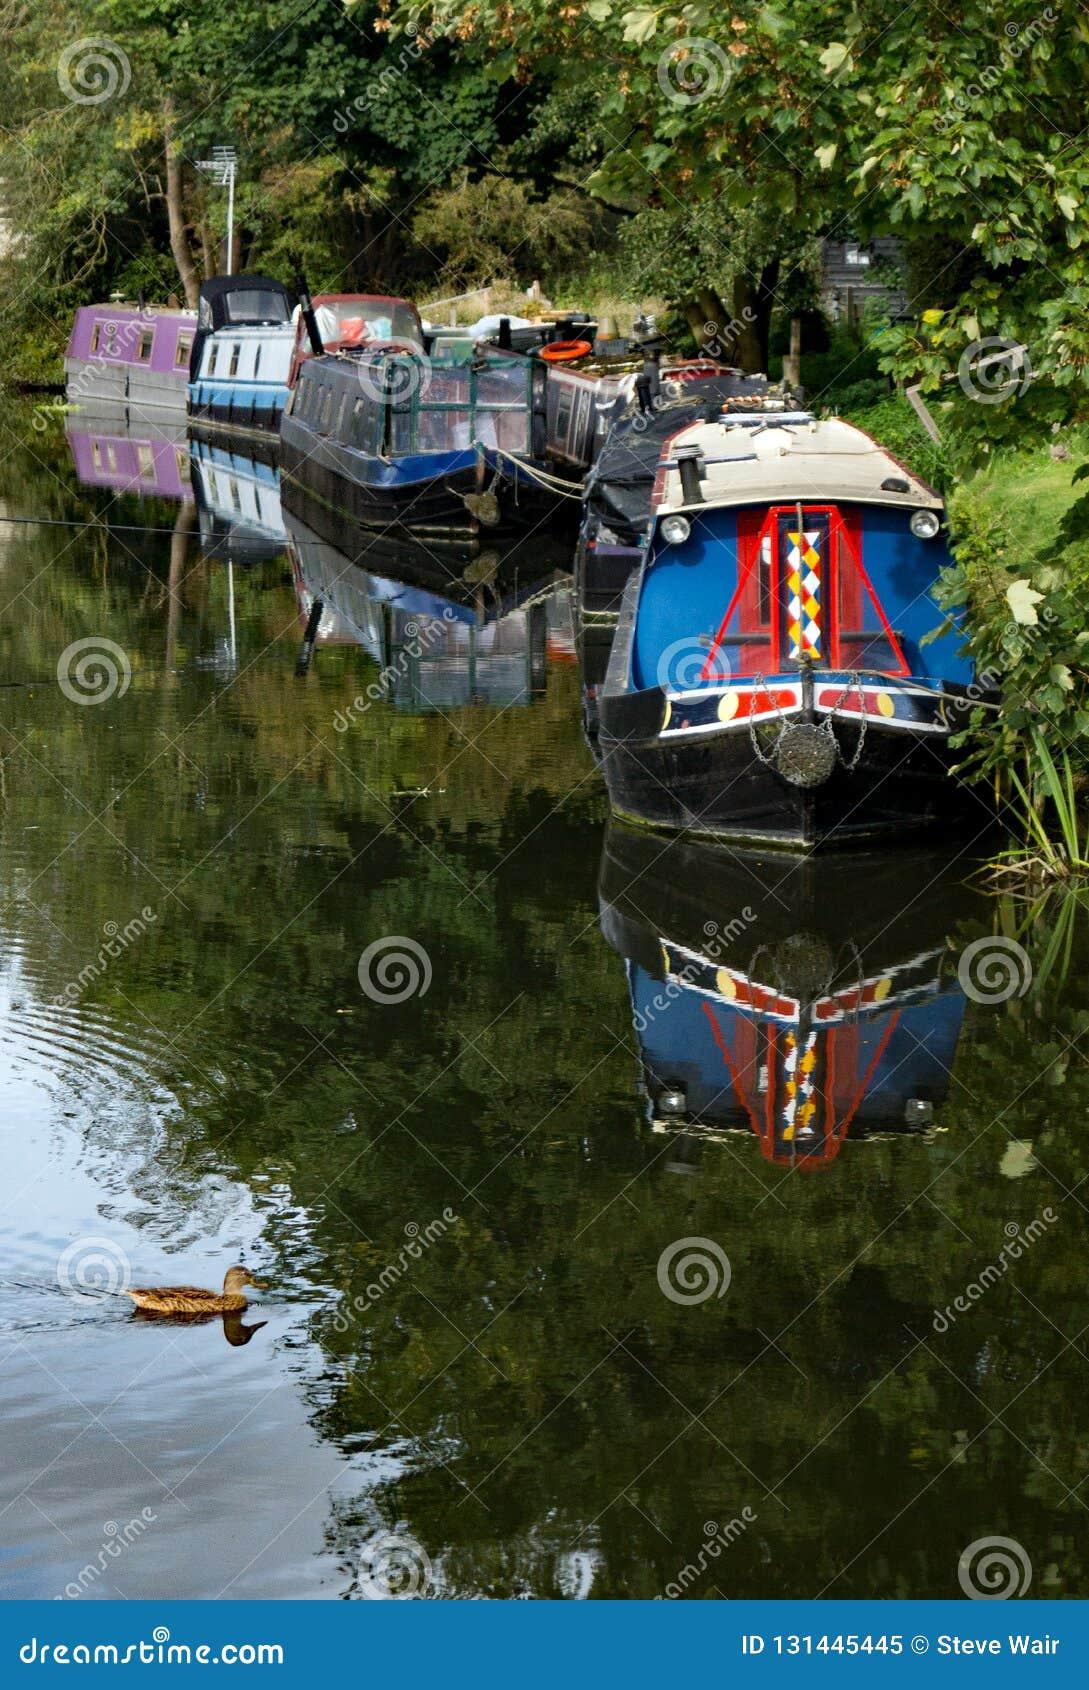 Eine Gruppe schmale Boote festgemacht auf dem Fluss Stort